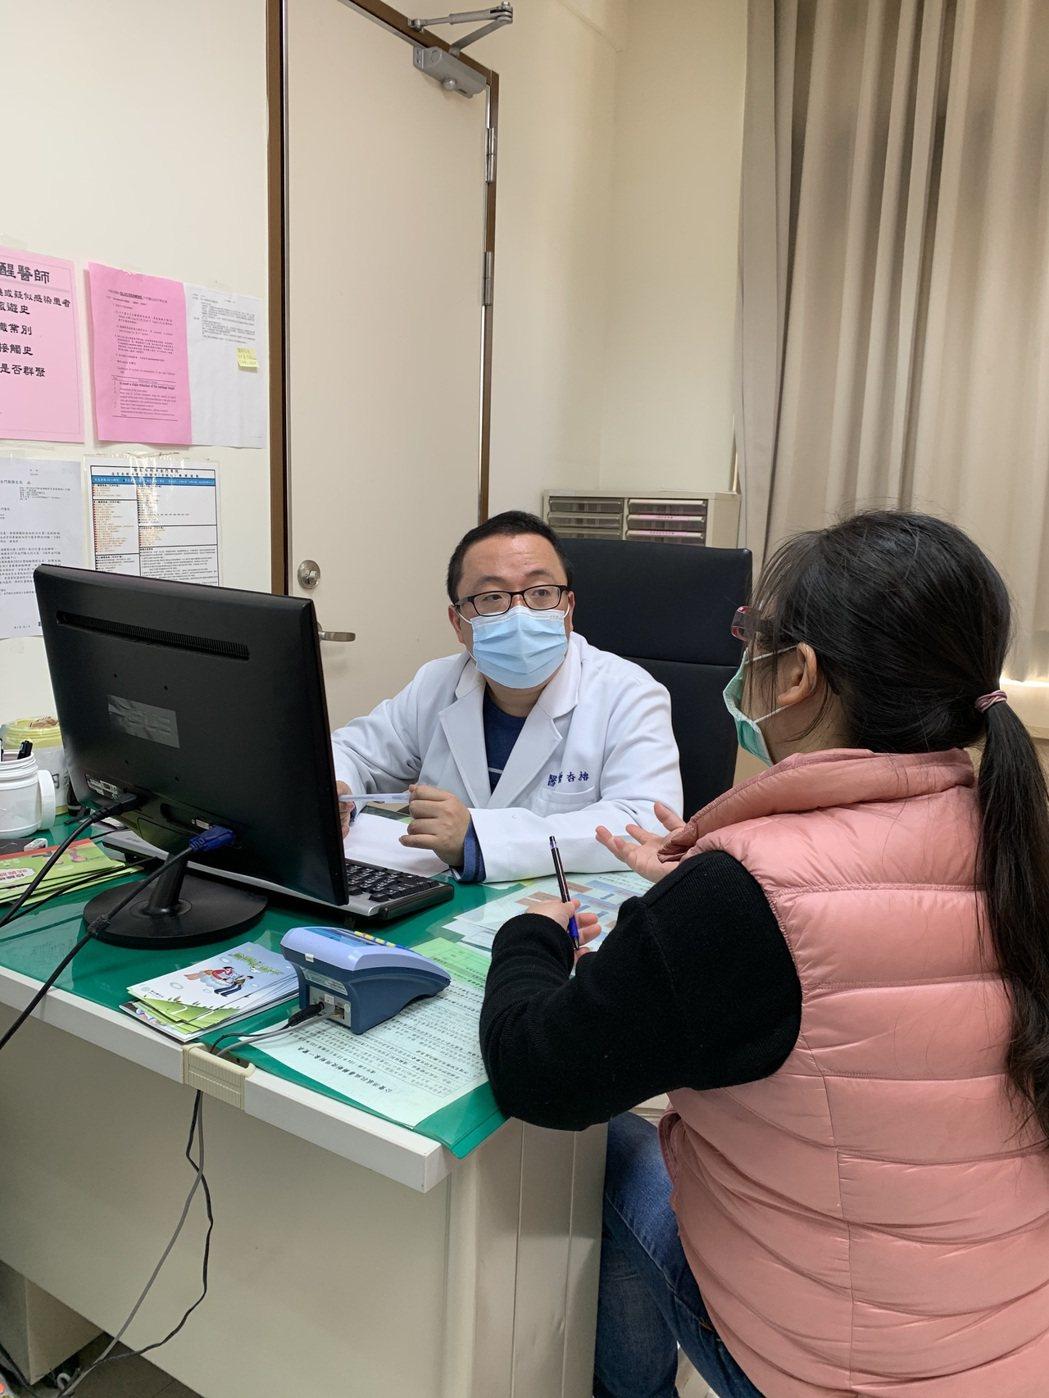 許多人生活中遇到困難,在關鍵時刻求助非常重要,有助於掌握病情。圖/聯合報系資料照...